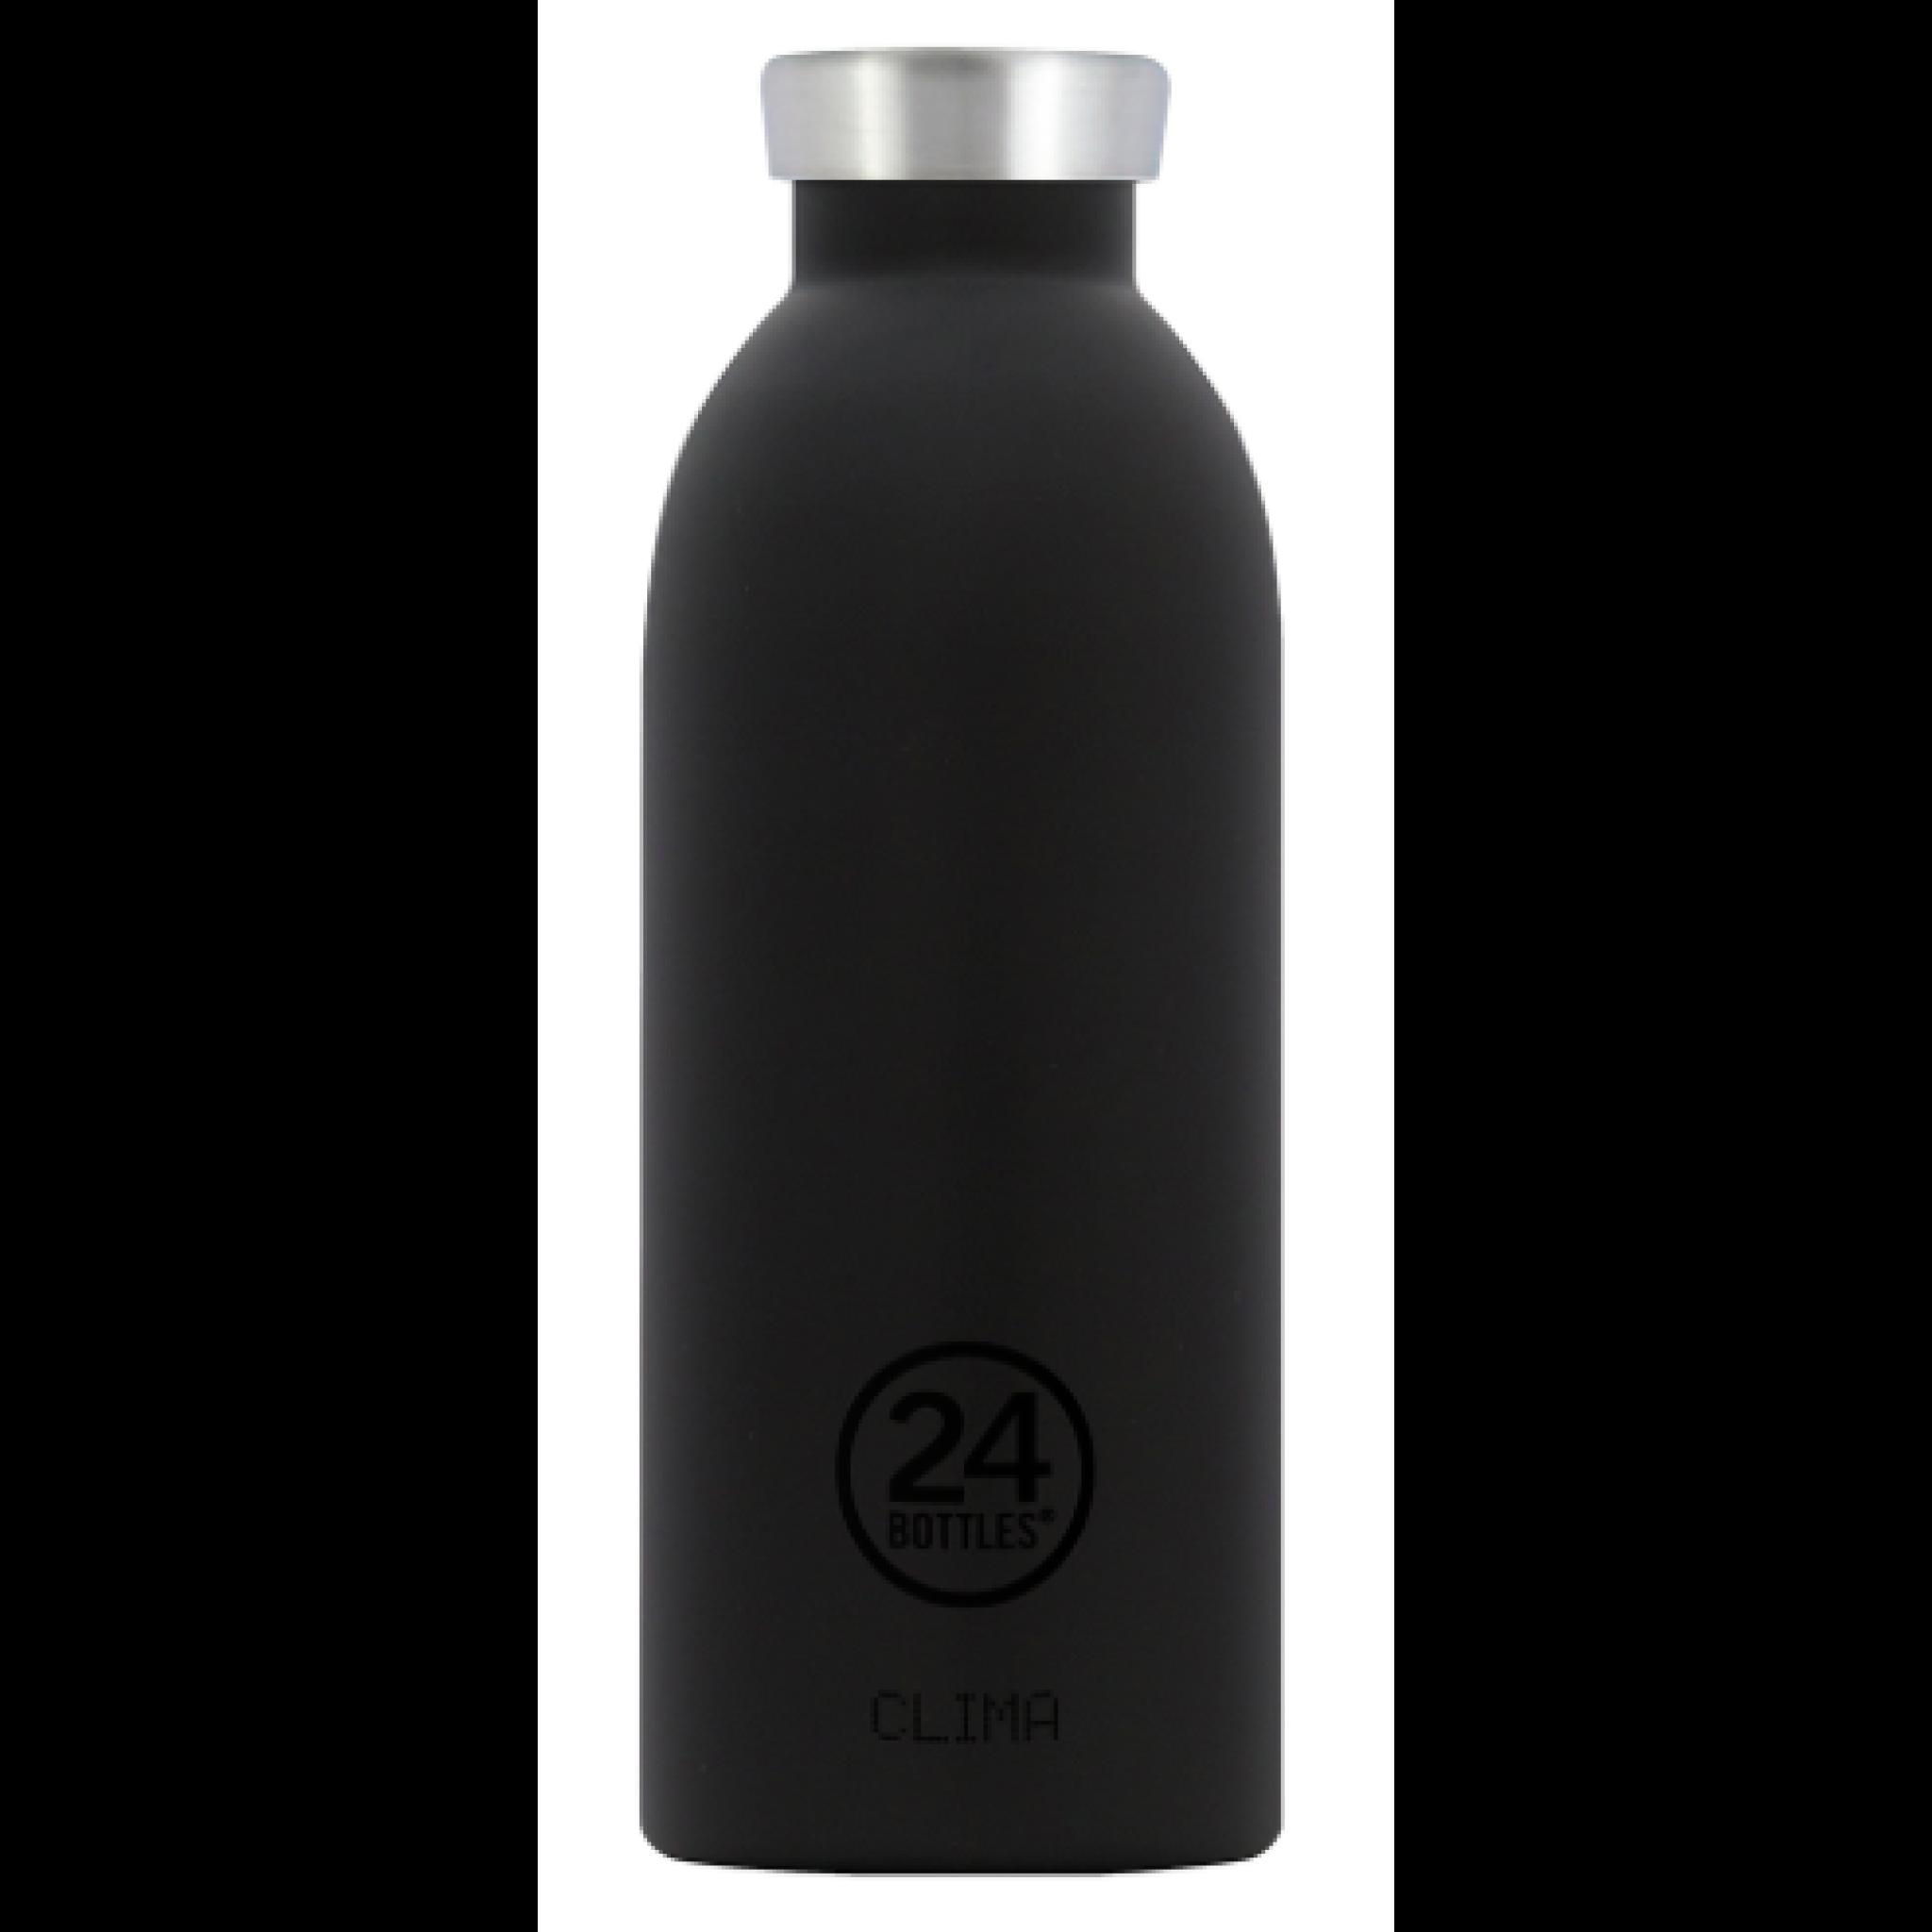 Clima 24Bottles 500 ml Tuxedo Black